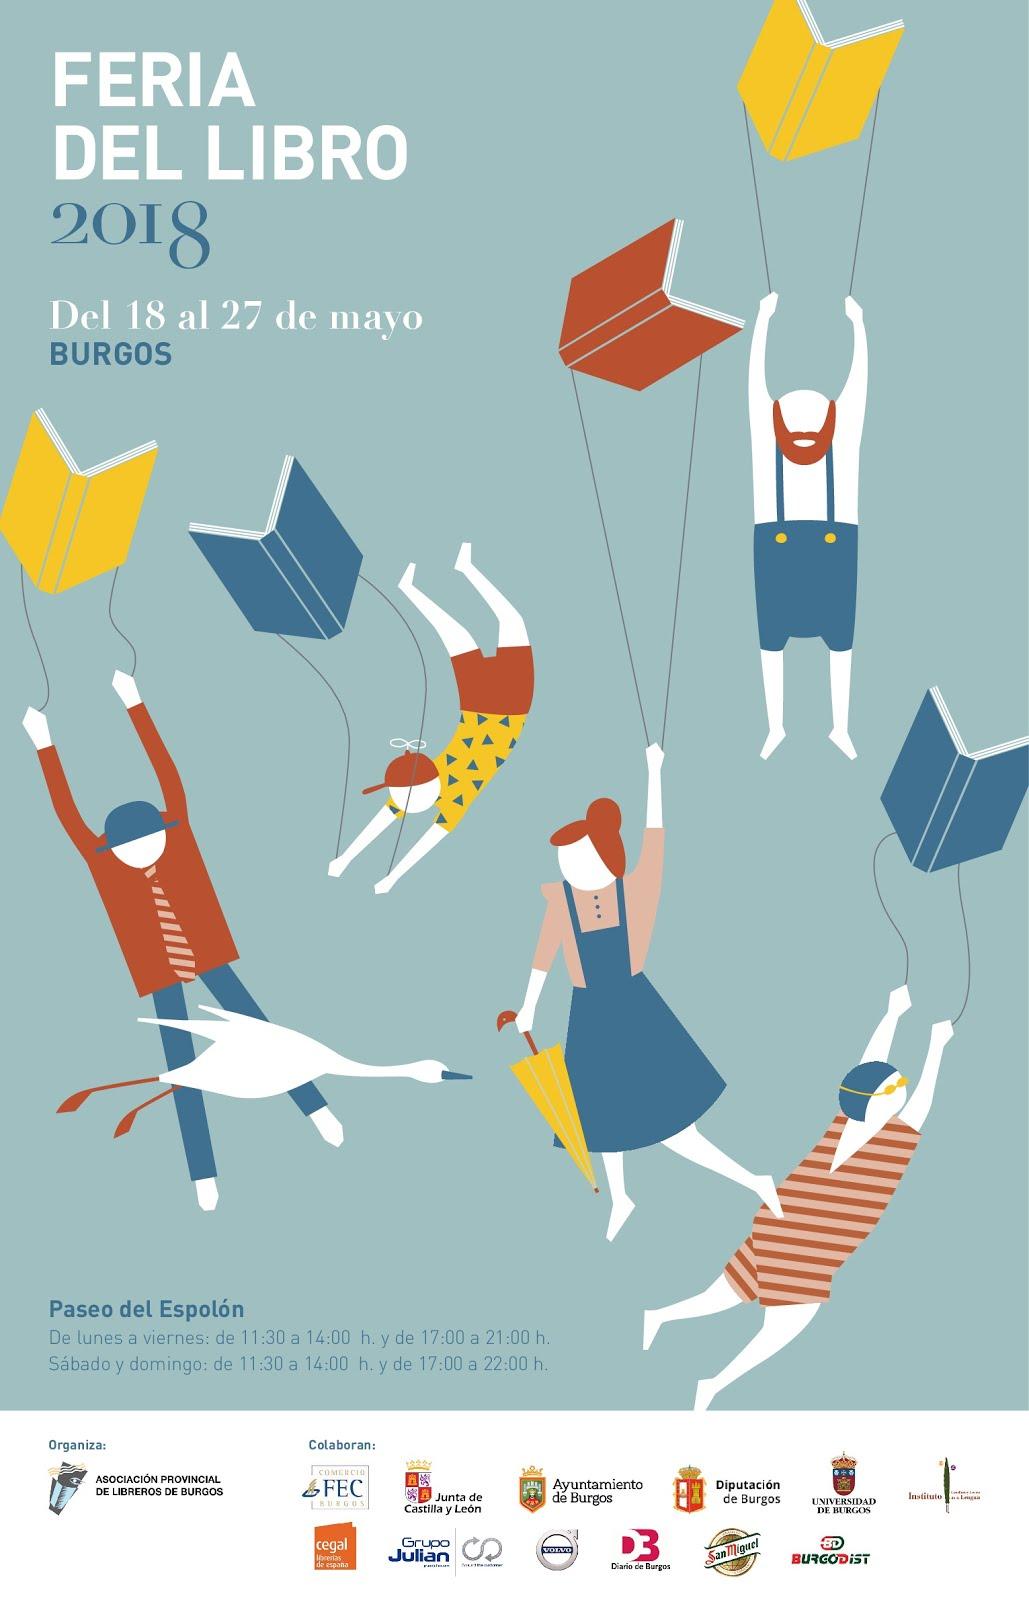 Desde hace años colaboro con la Feria del Libro de Burgos